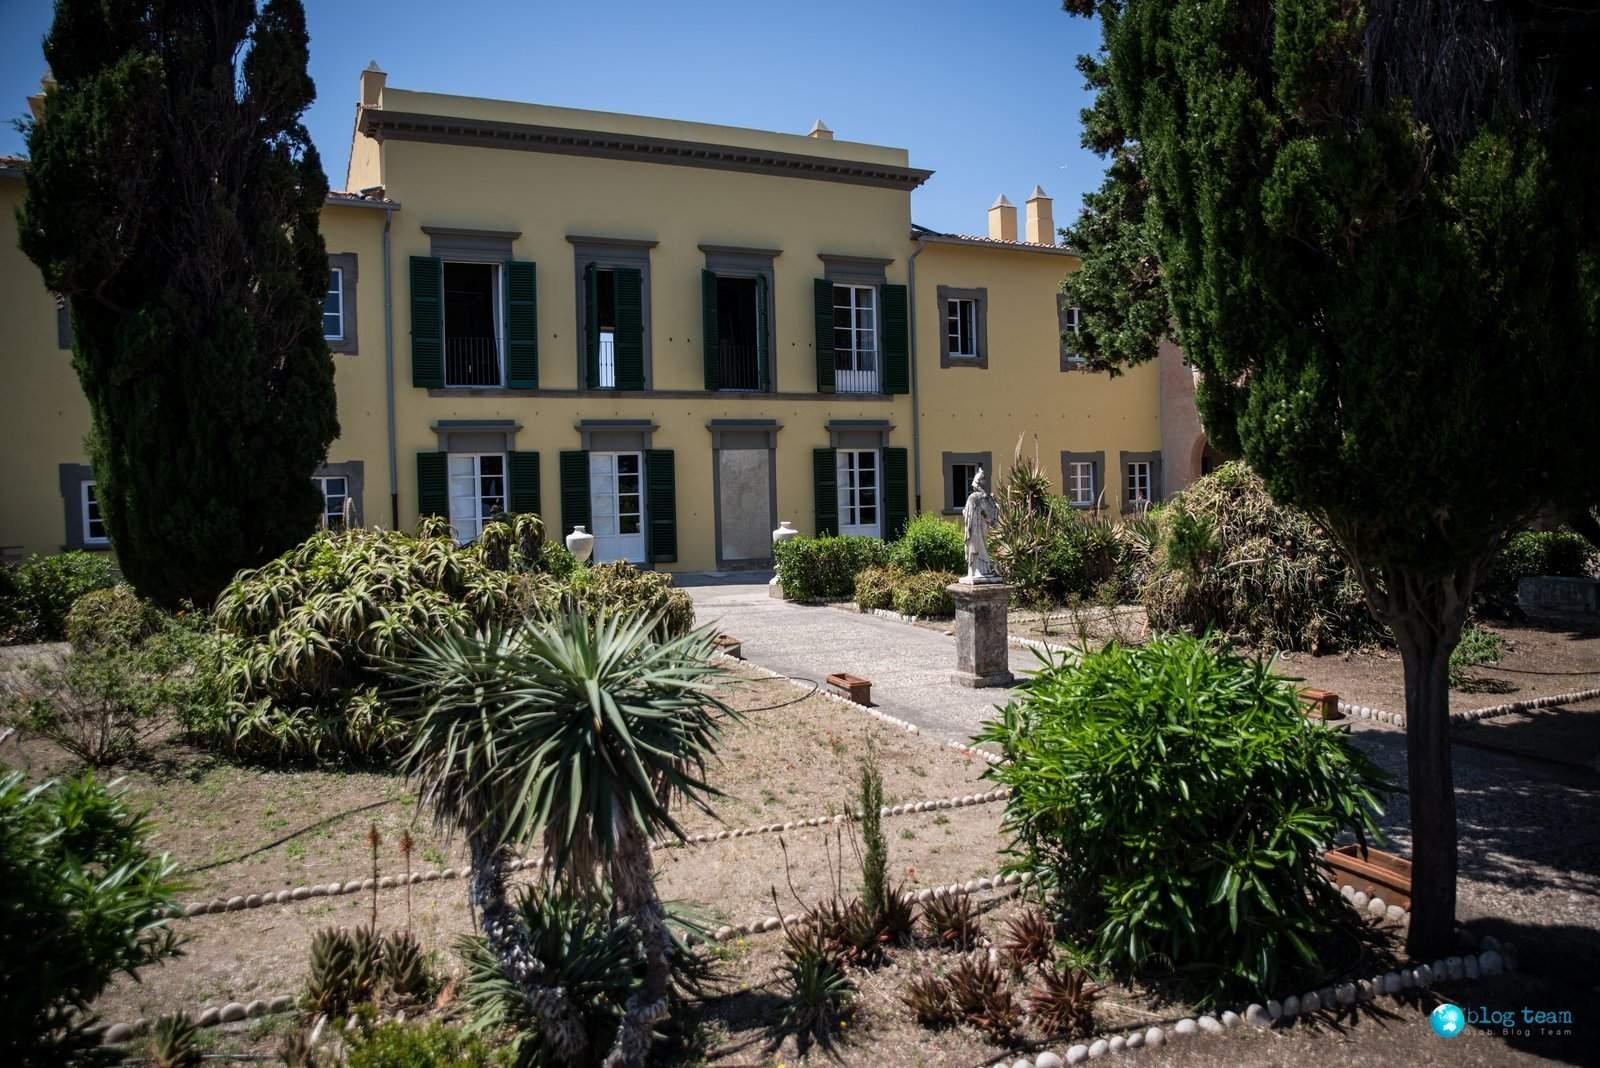 Villa dei Mullini w Portoferraio - Willa Napoleona na Elbie